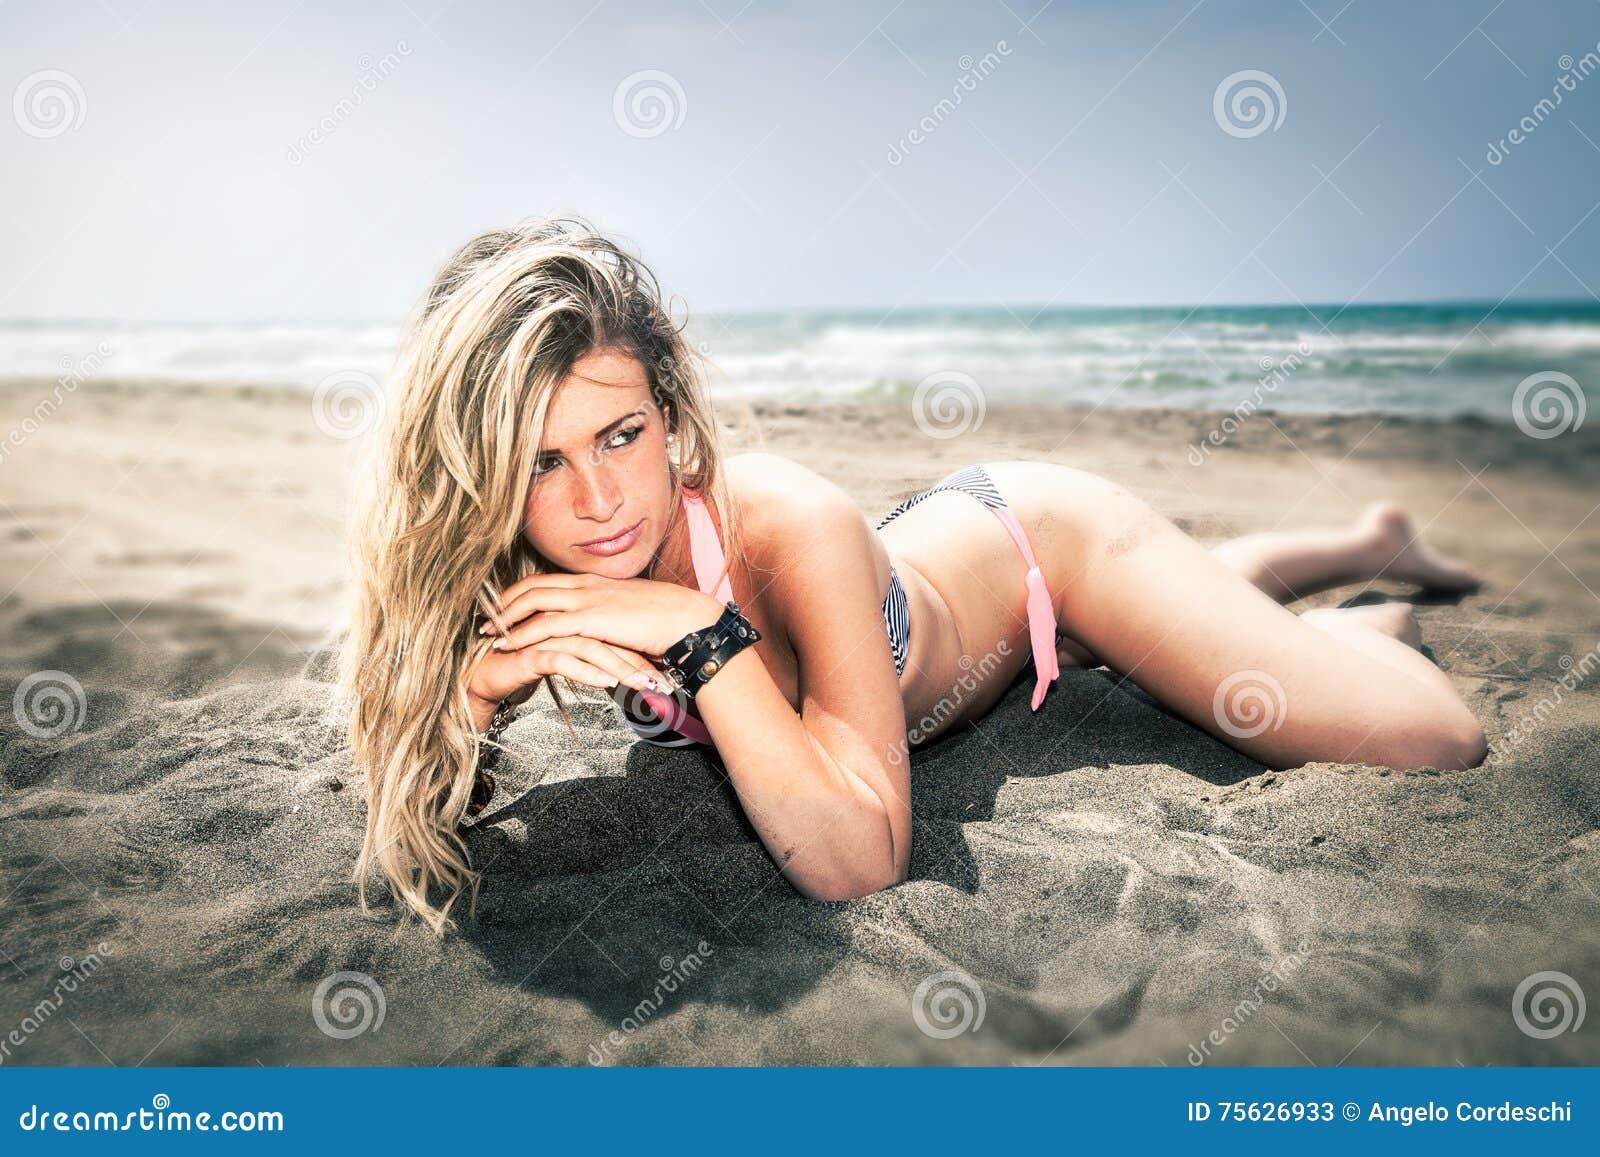 15 woman young Härlig blond flicka på stranden